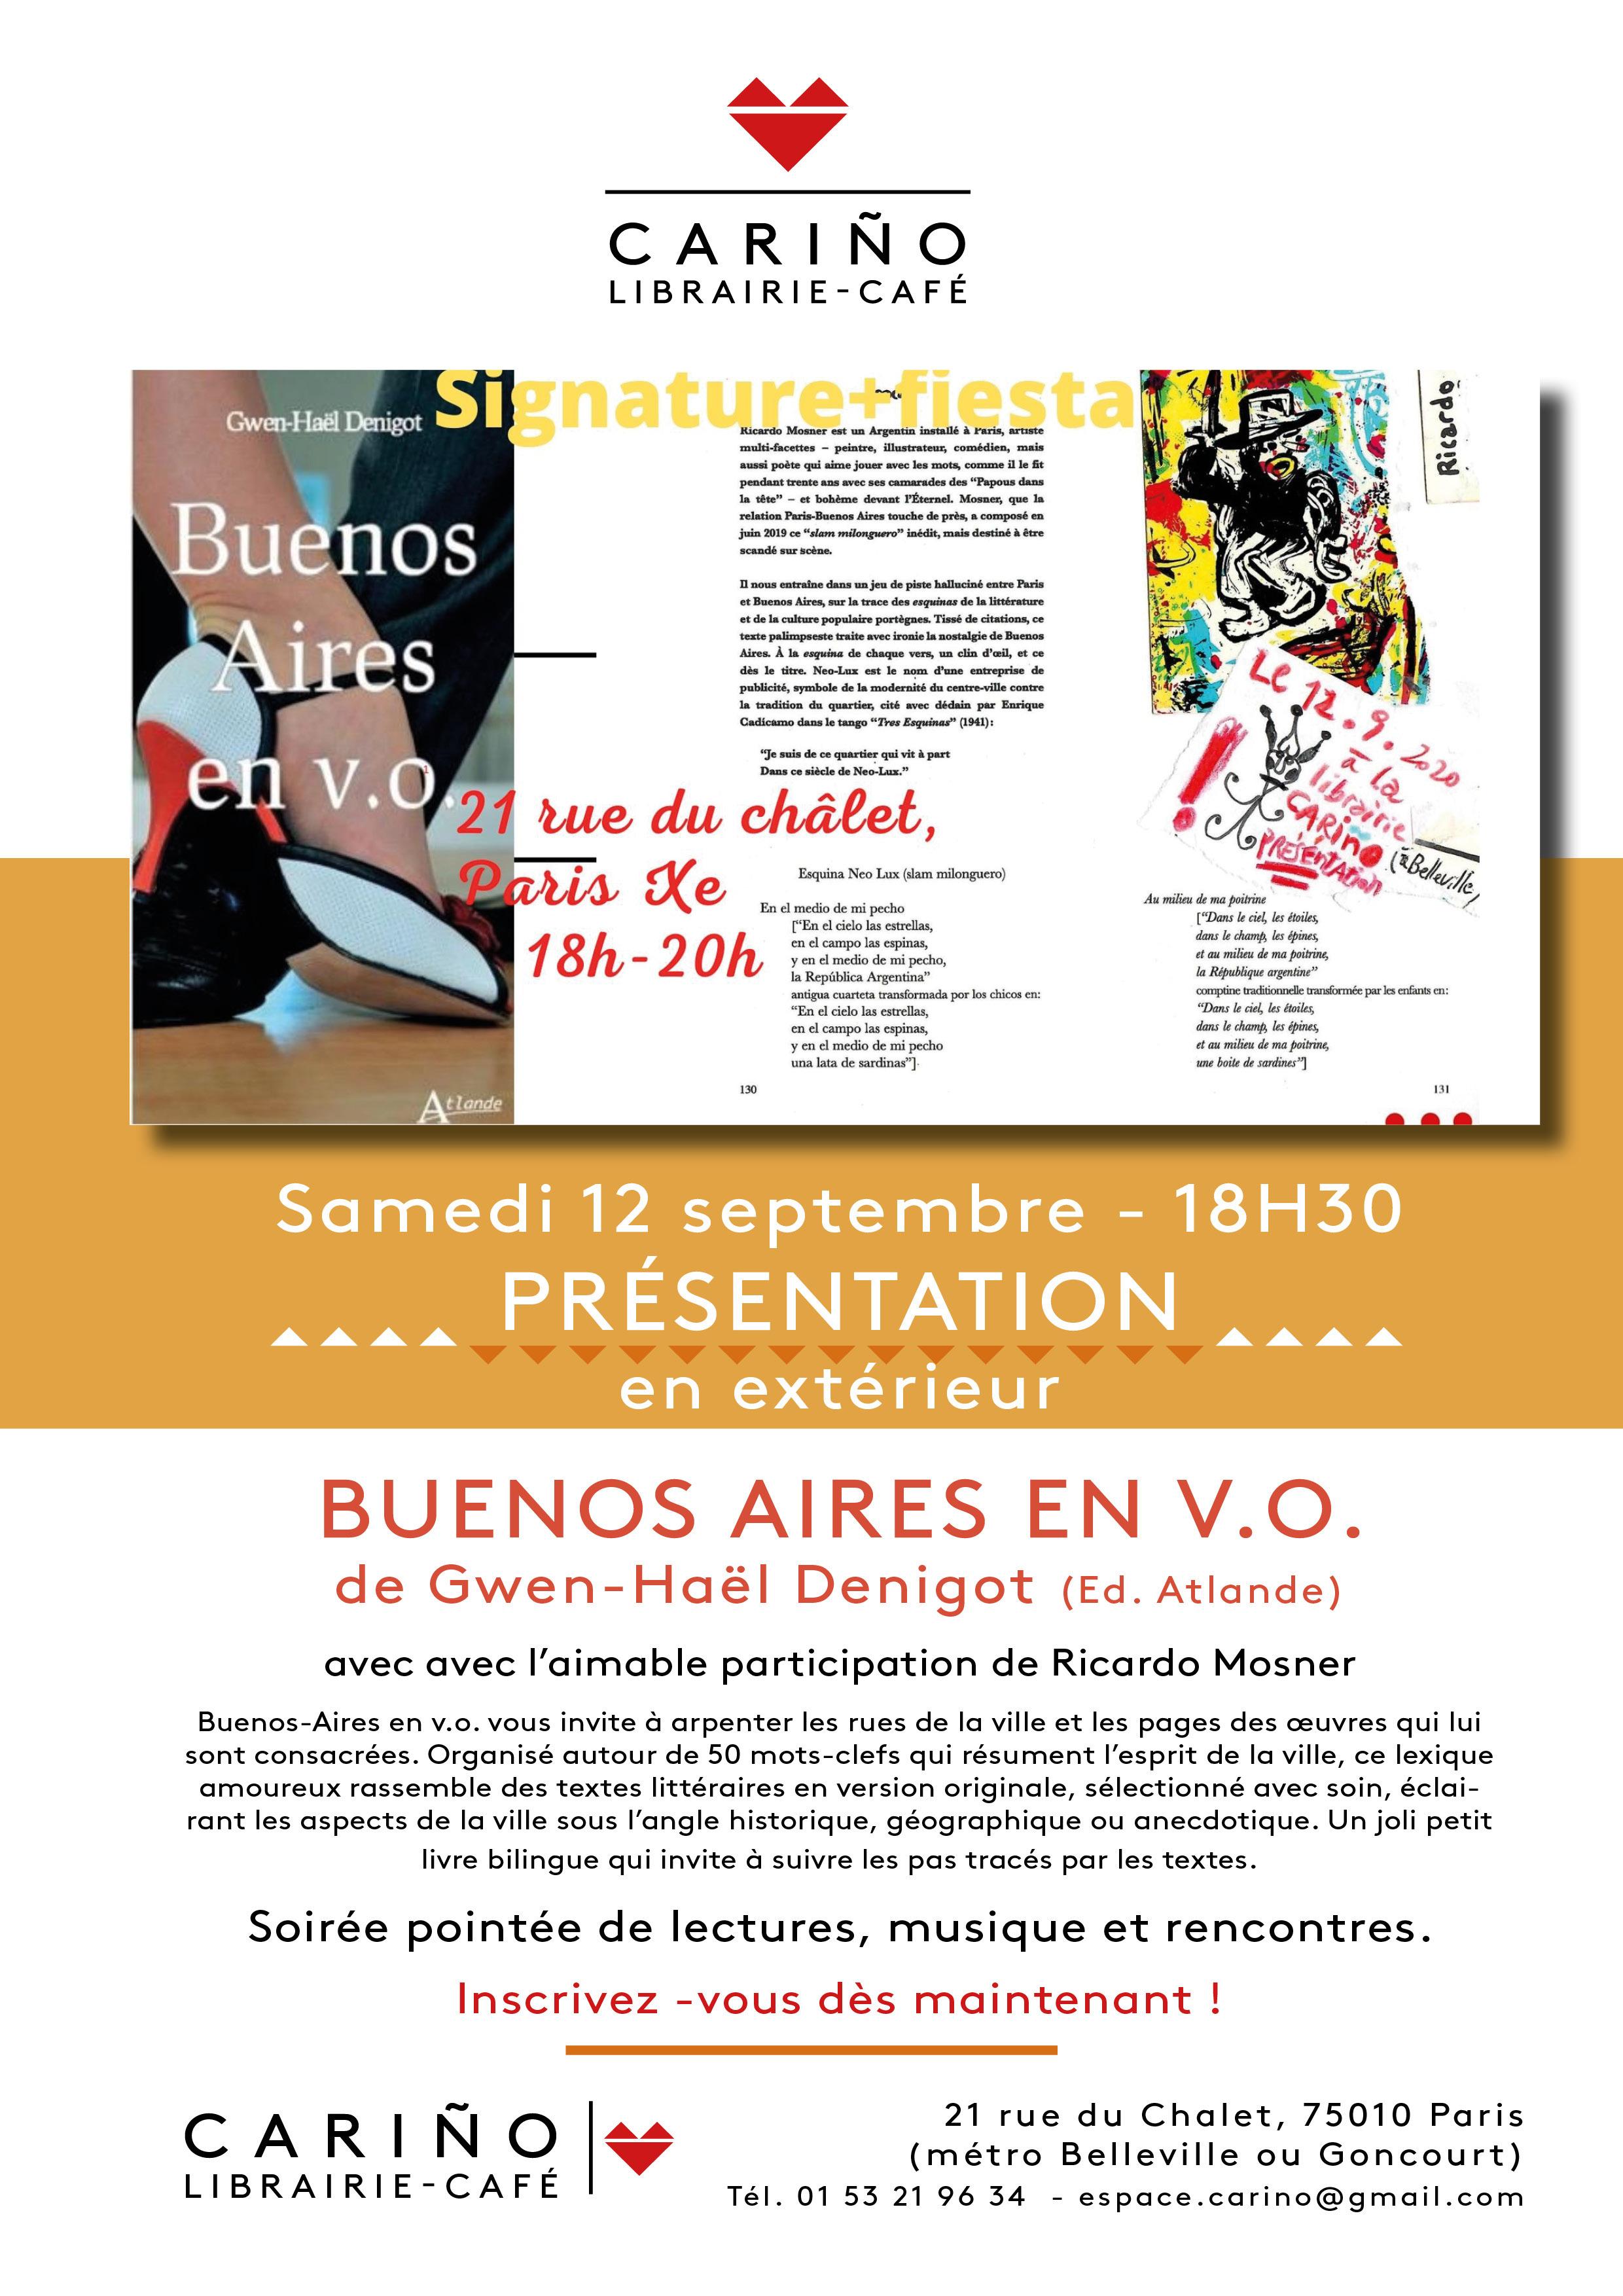 """Venez rencontrer notre auteur Gwen-Haël Denigot à Cariño Librairie-café pour la présentation de son livre """"Buenos Aires en v.o"""", ce samedi à 18h30 !"""